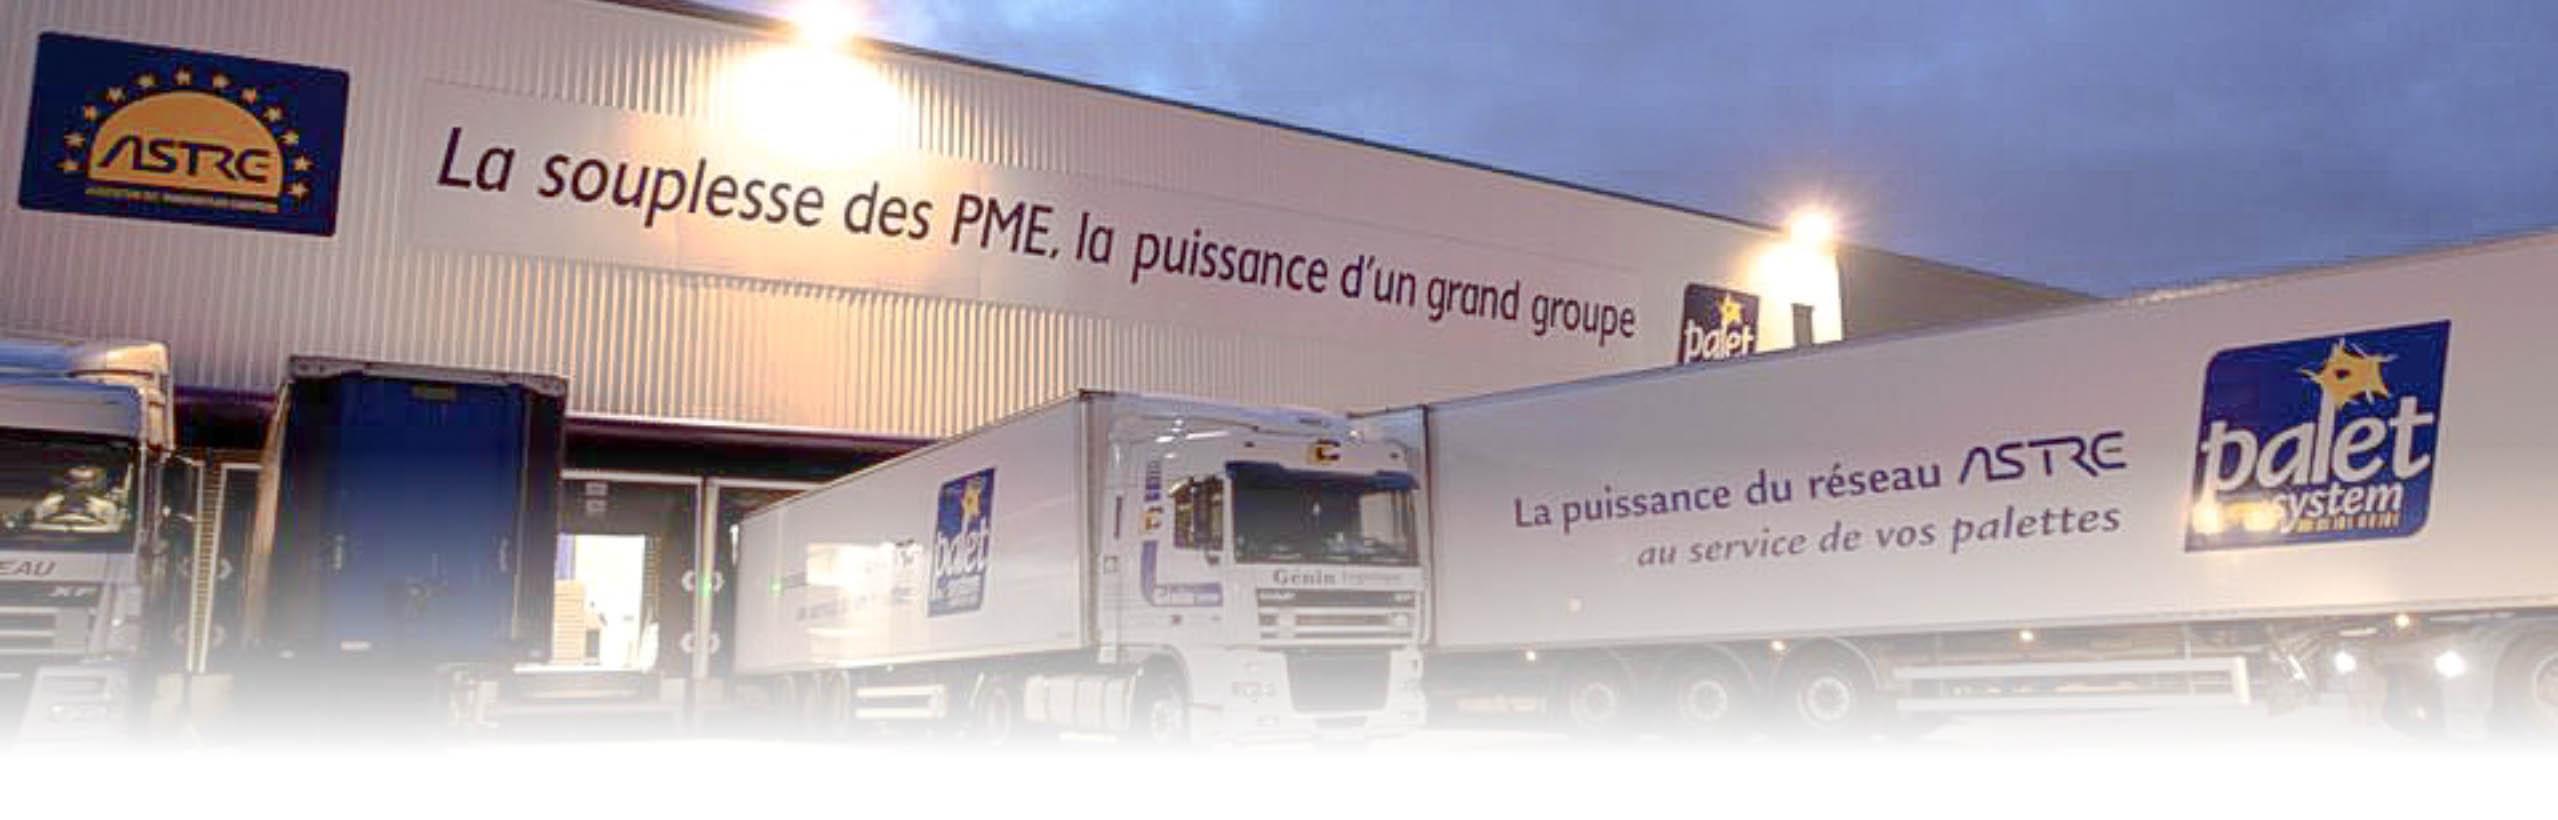 groupement astre transports, la souplesse des PME, la puissance d'un grand groupe